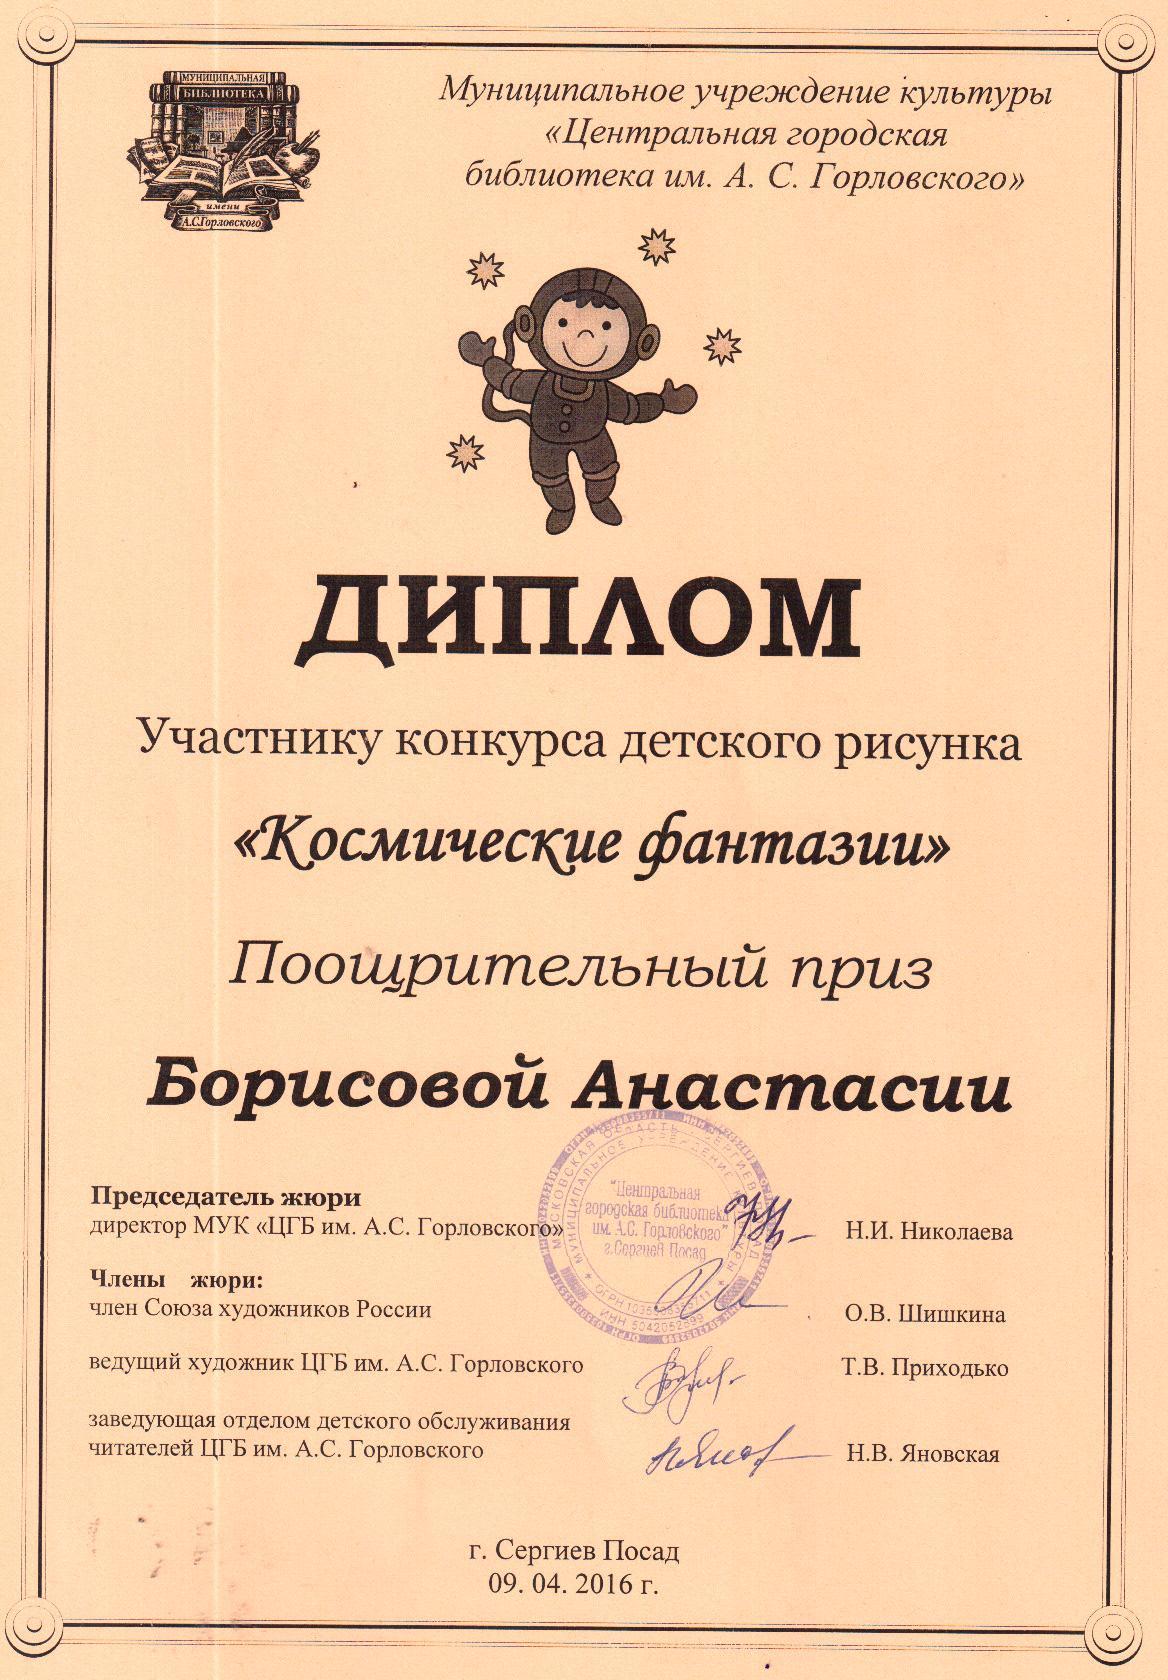 Диплом Анастасии Борисовой.jpg